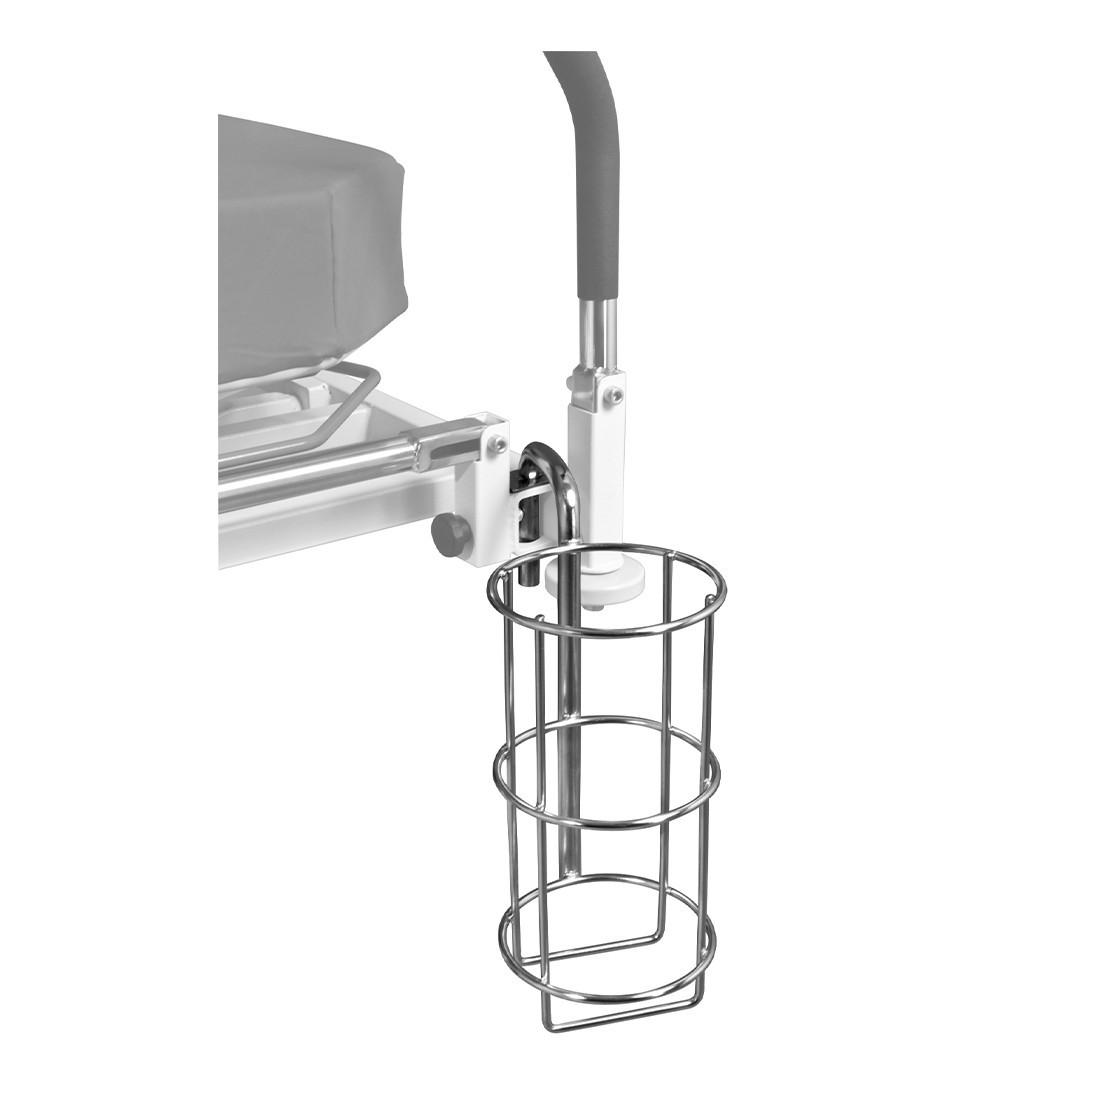 230Removable oxygen bottle holder base